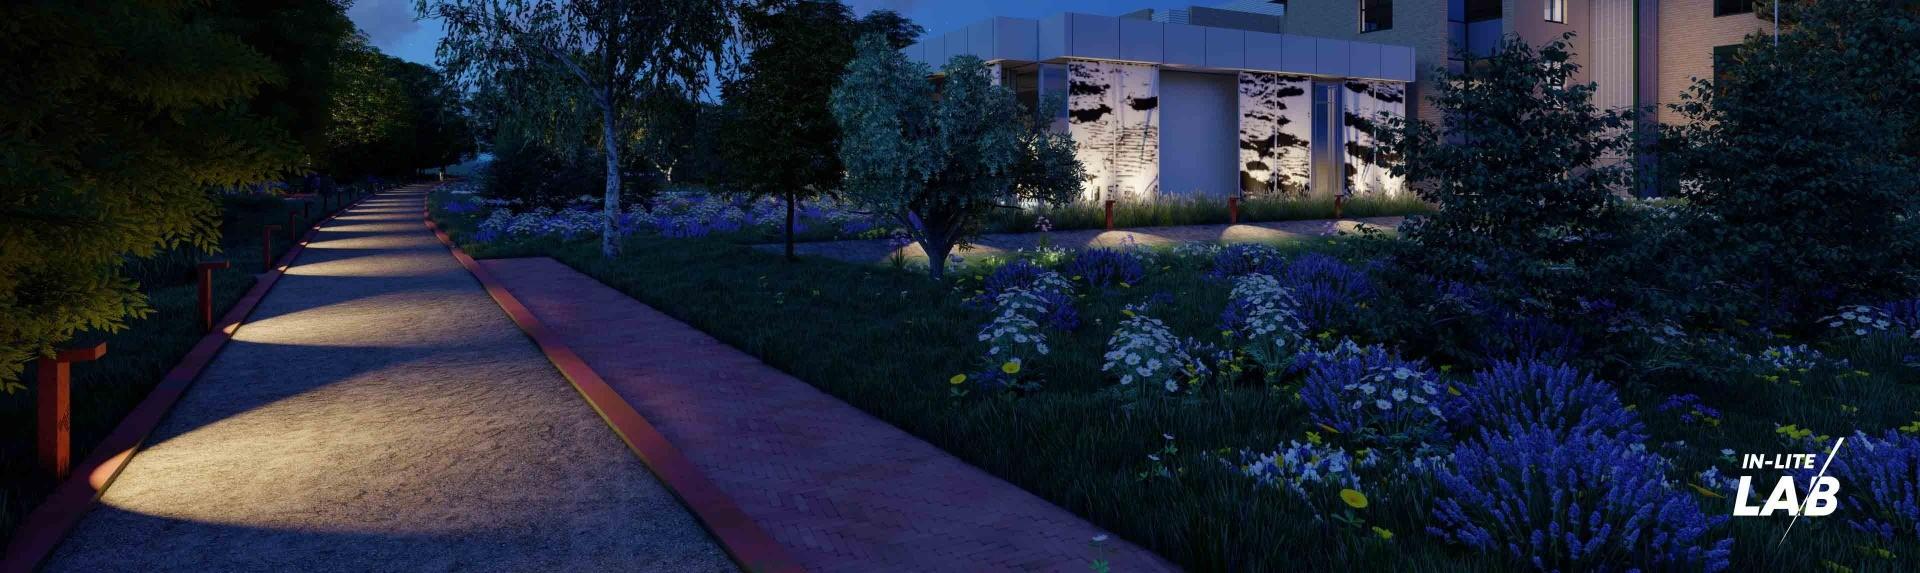 Tuinverlichting - oprit verlichting - LAB - in-lite